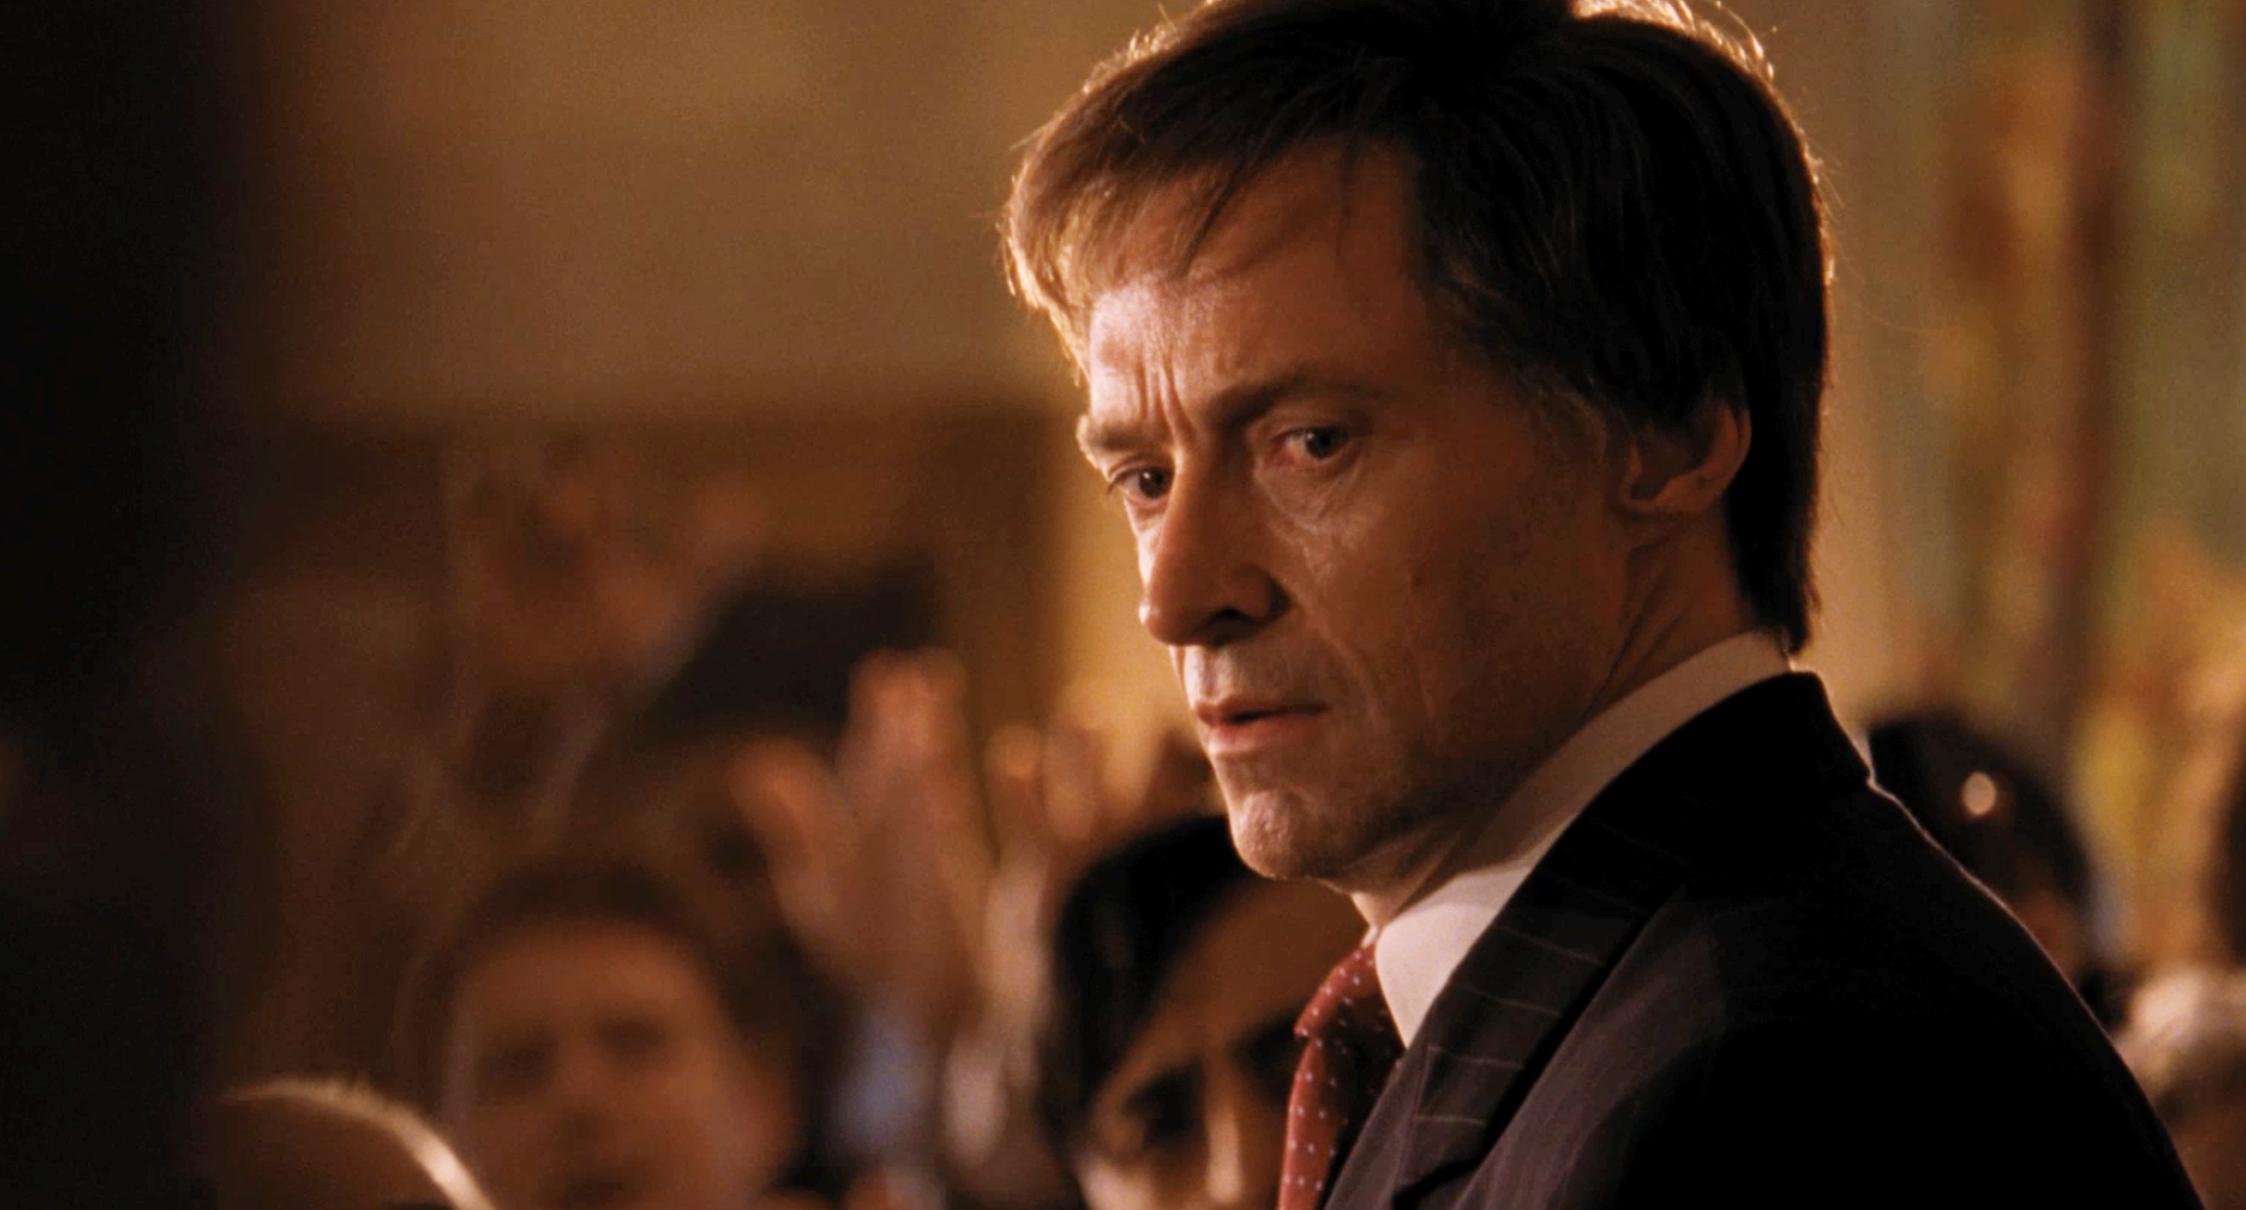 Хью Джекман на кадре из фильма «Как не стать президентом»